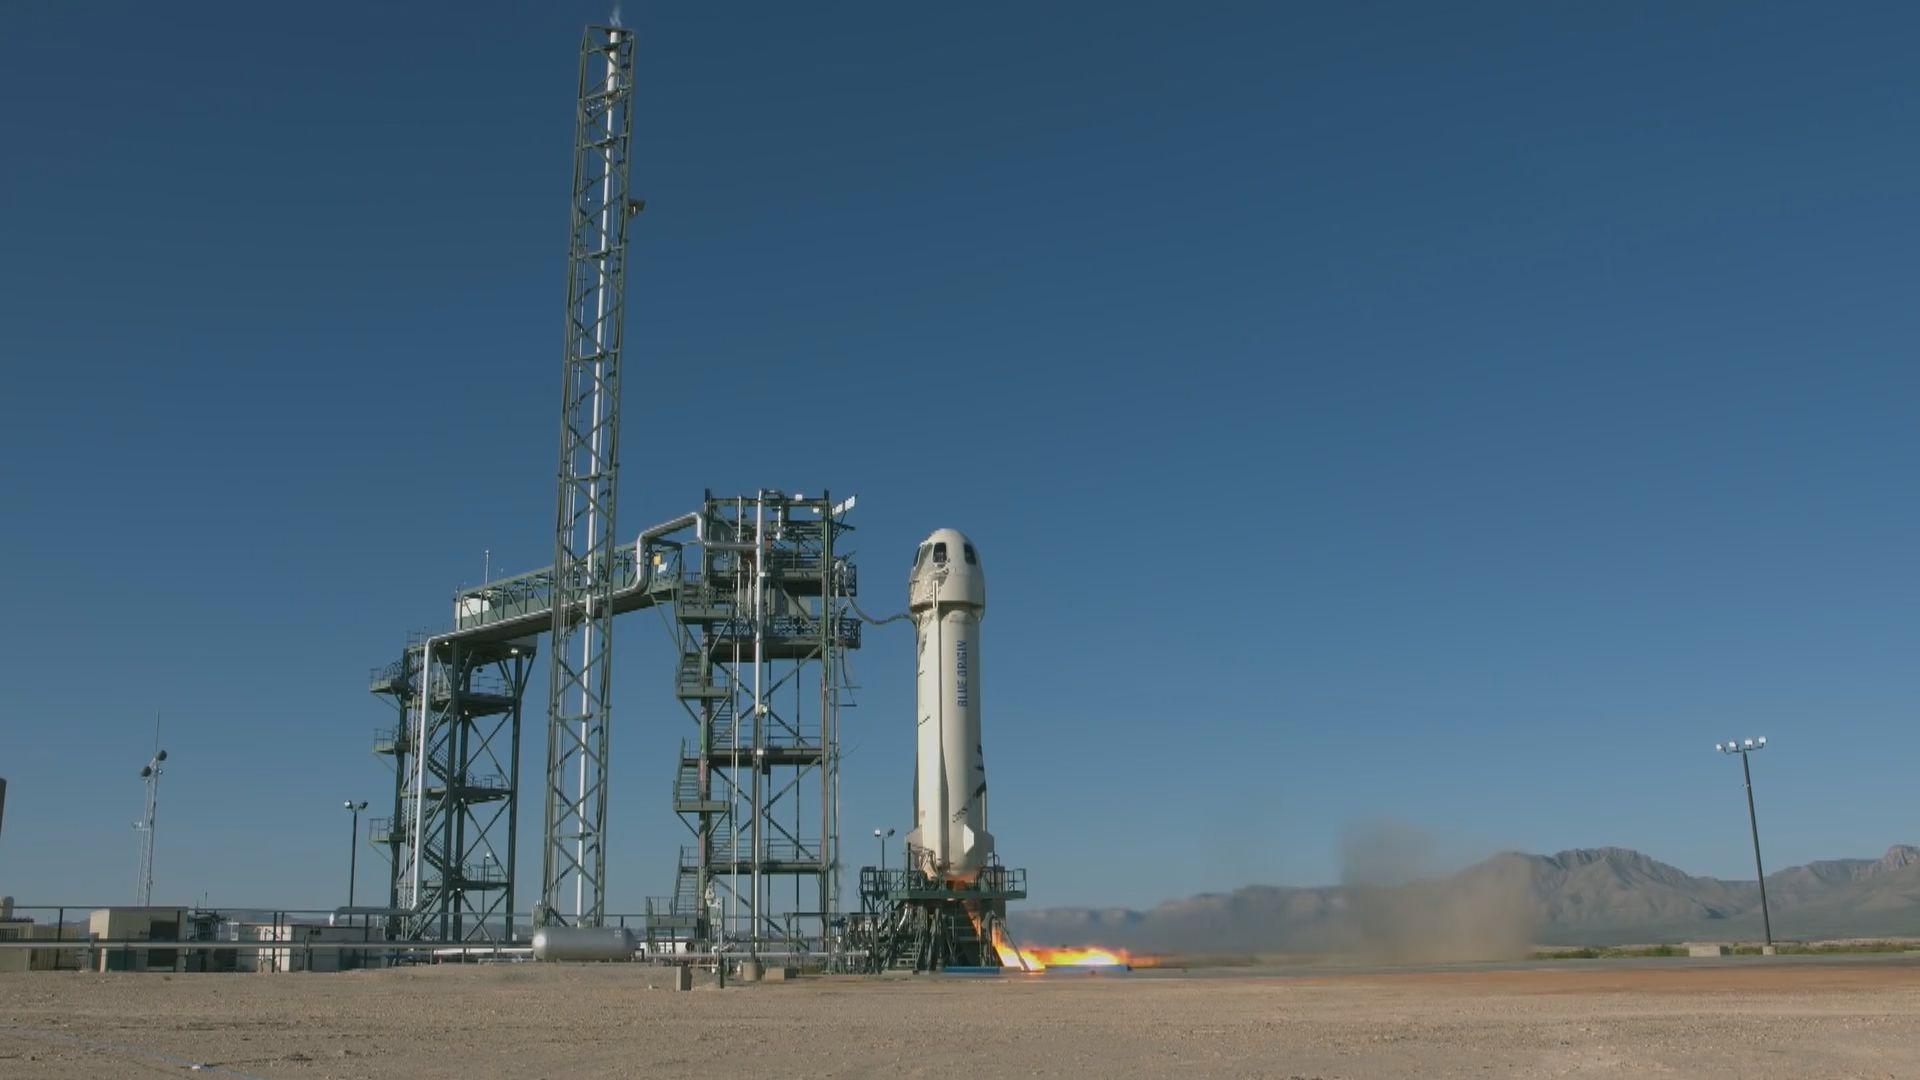 【環球薈報】美國最大窗戶太空艙搭載火箭測試負重能力